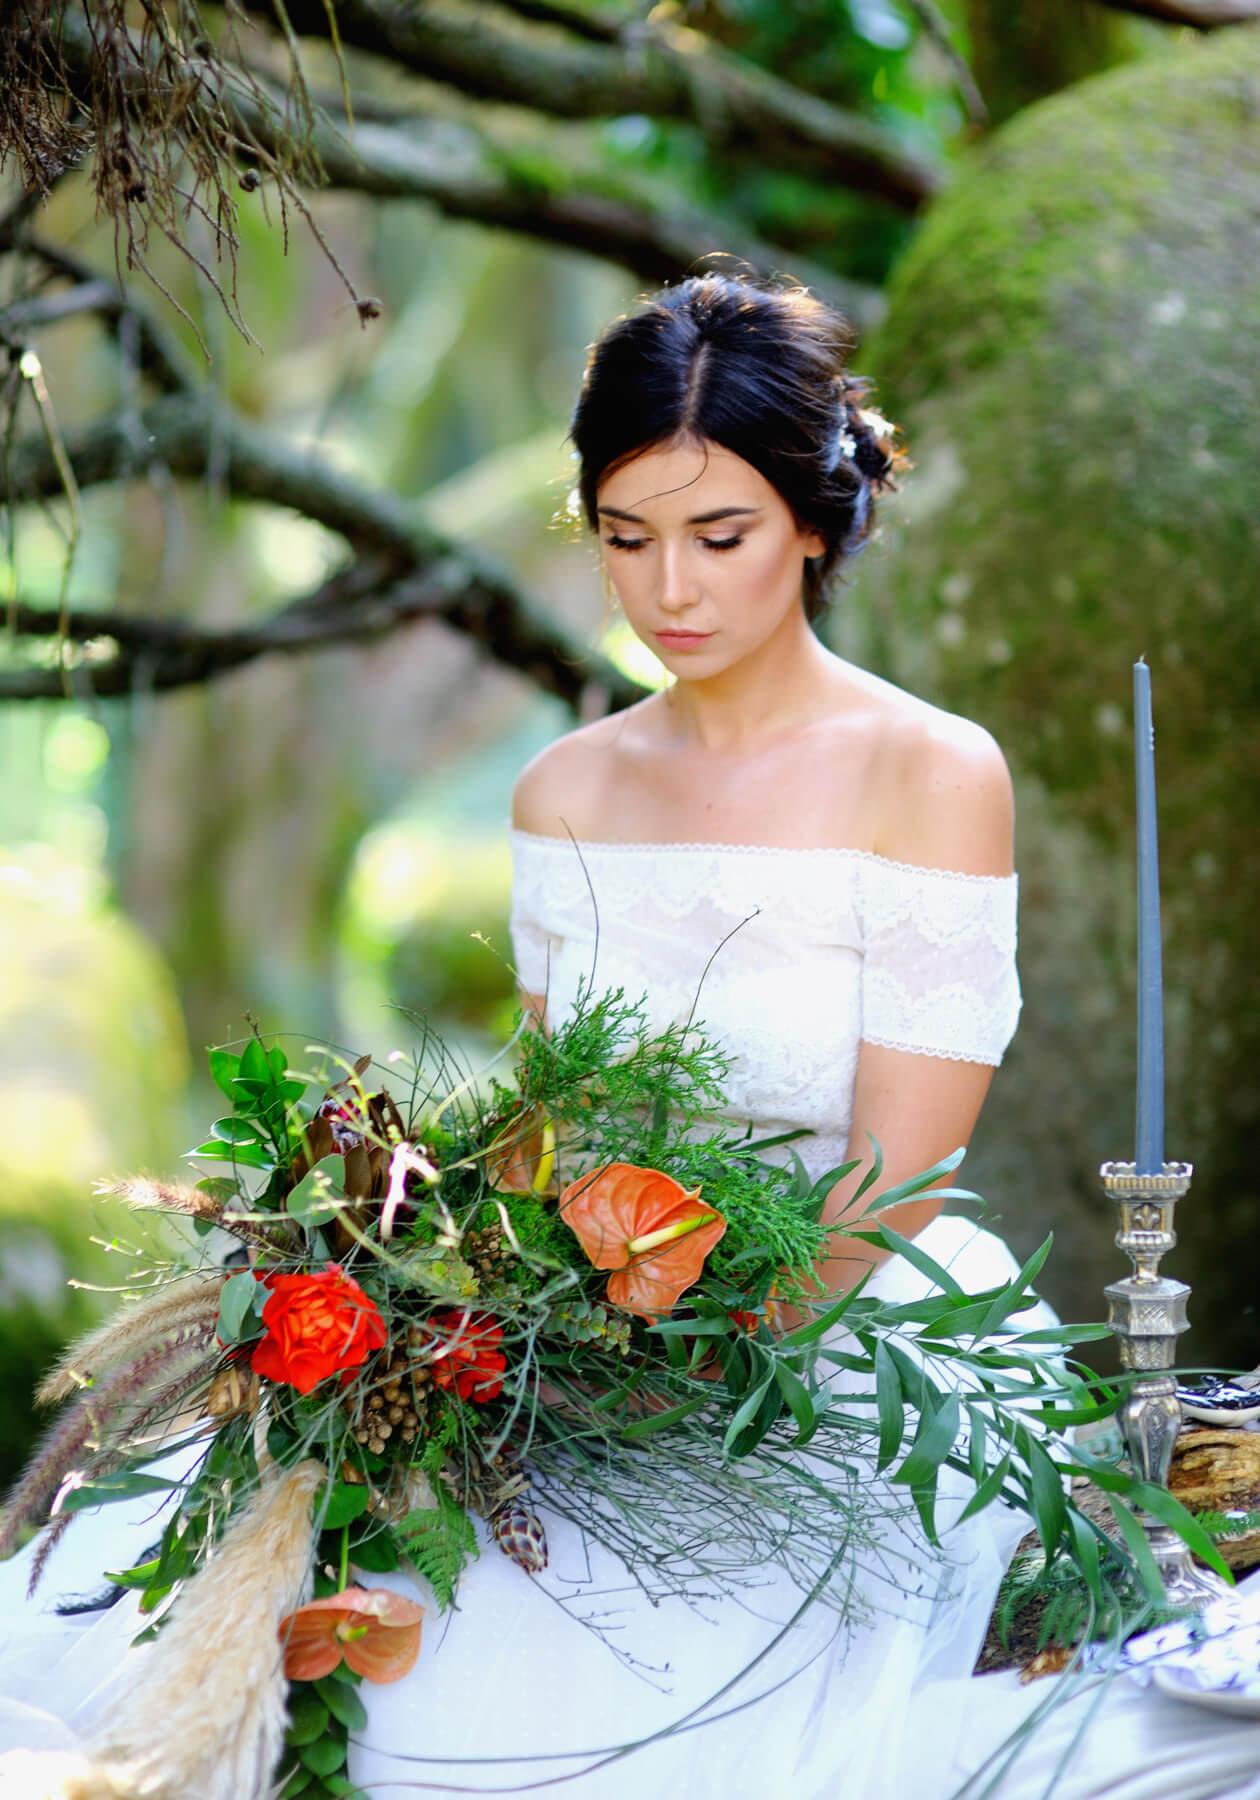 Невеста с букетом, сидящая в лесу